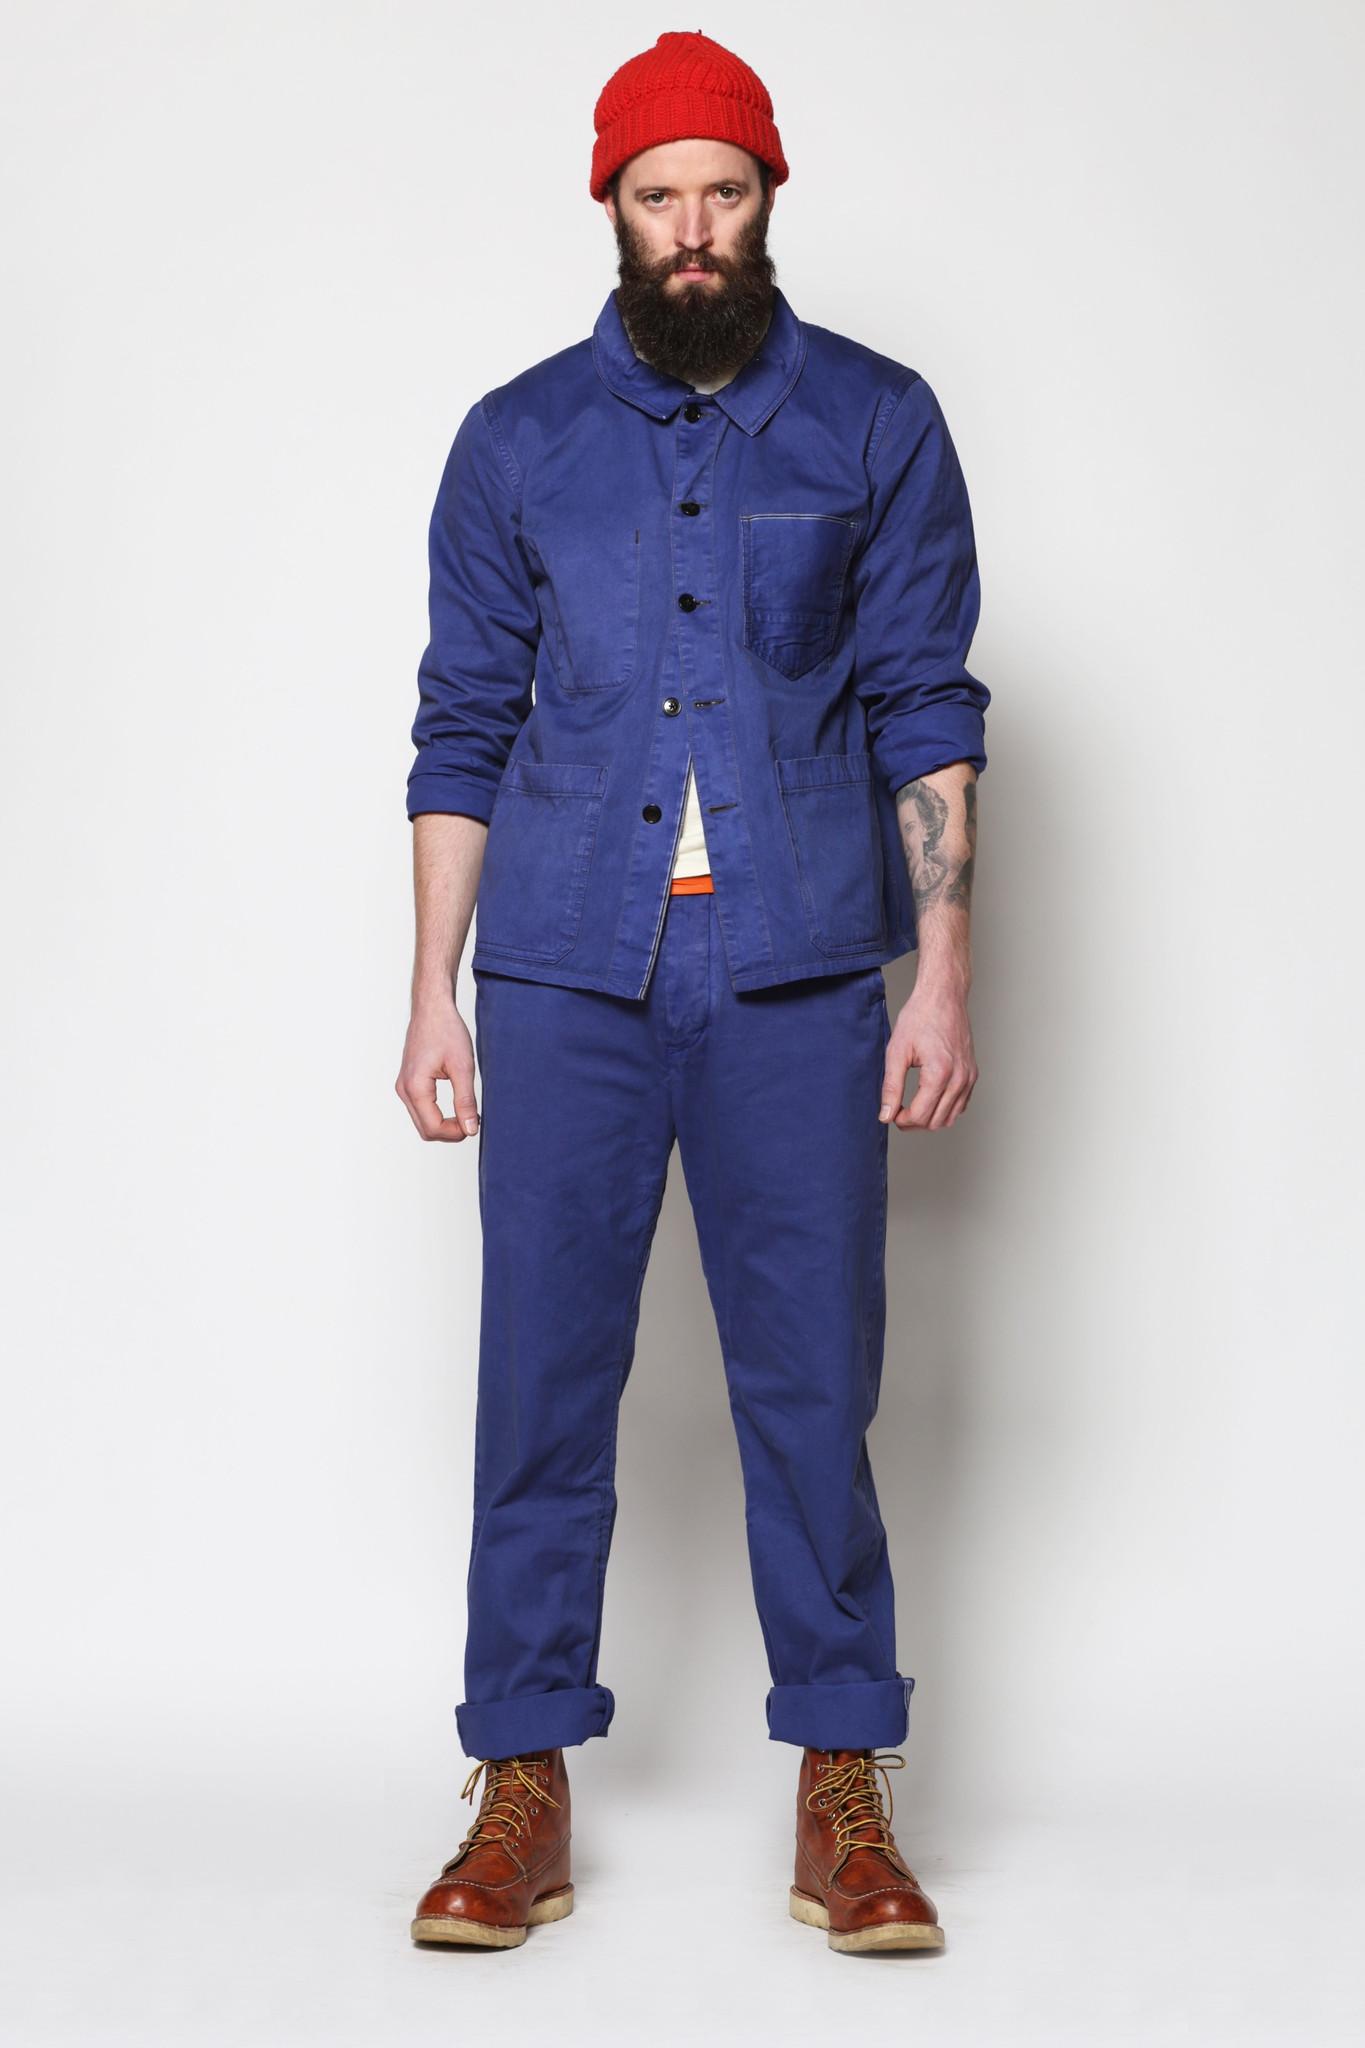 endrime-mohsin-saijd-sajid-french-worker-jacket-pigment-dyed-long-john-blog-longjohn-blog-blue-indigo-uk-brand-denimmerk-werkjasje-blauw-1950-authentic-selvage-selvedge-1